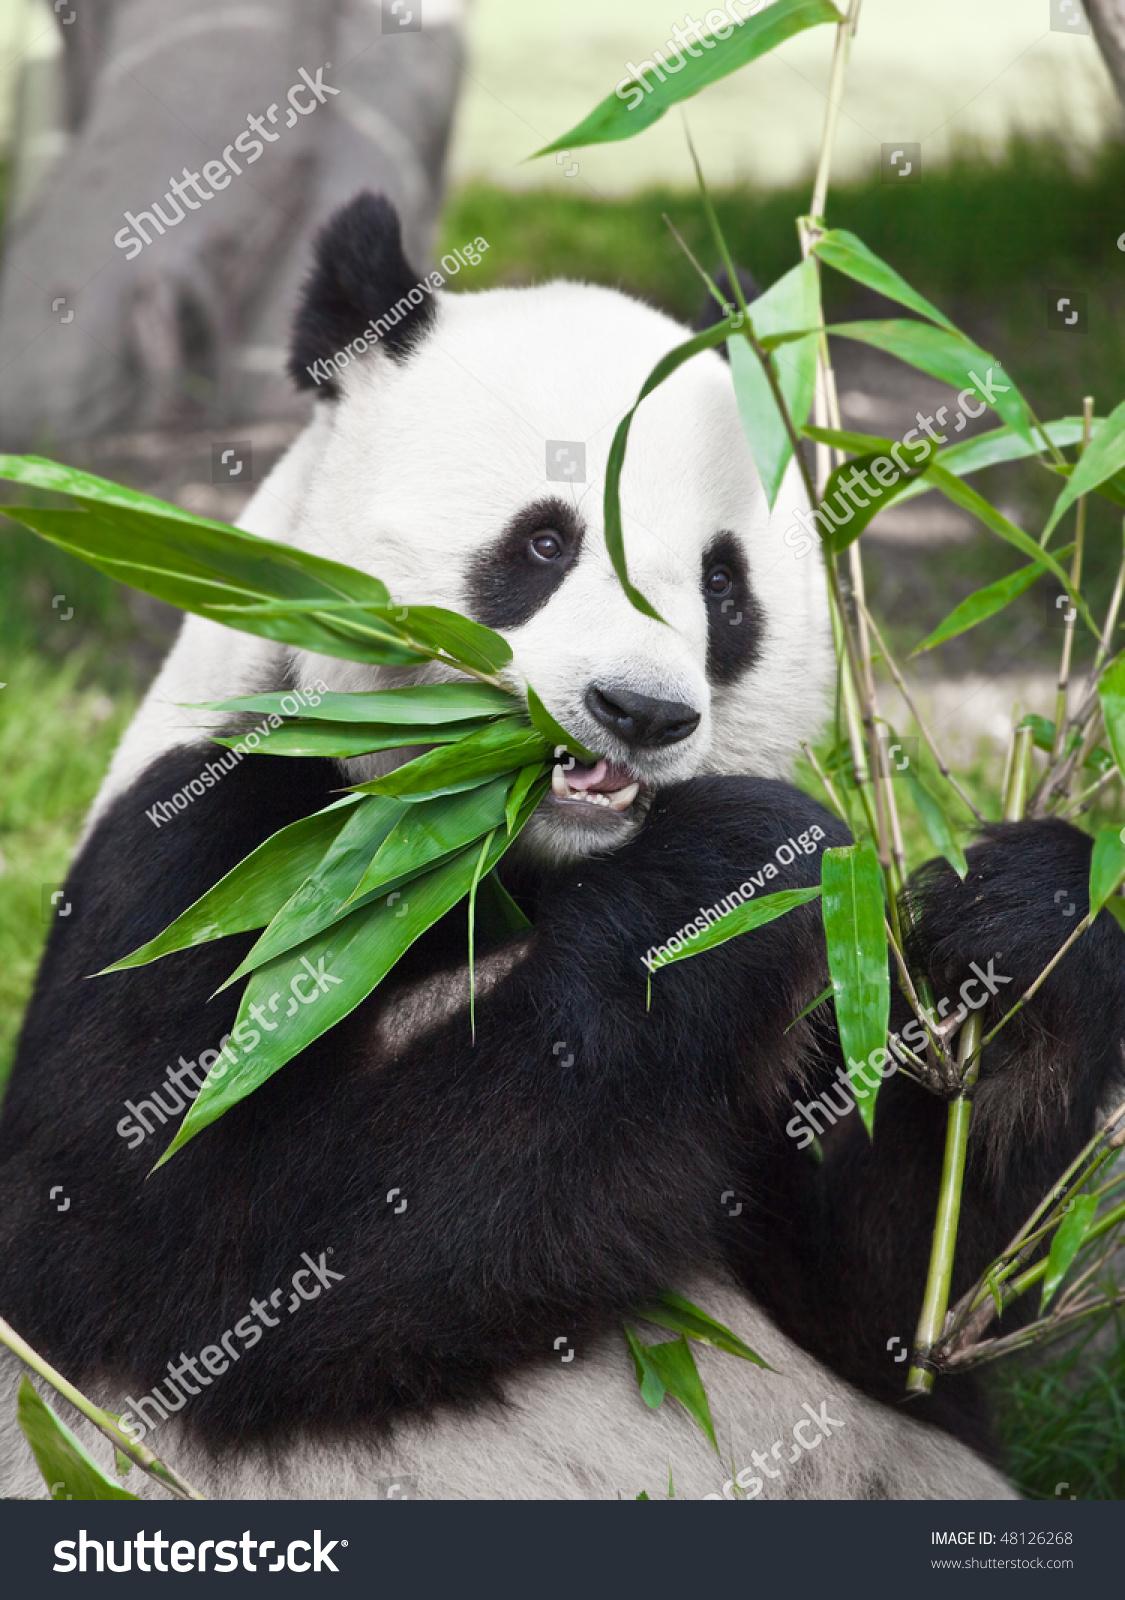 大熊猫正吃着绿竹叶-动物/野生生物,自然-海洛创意()